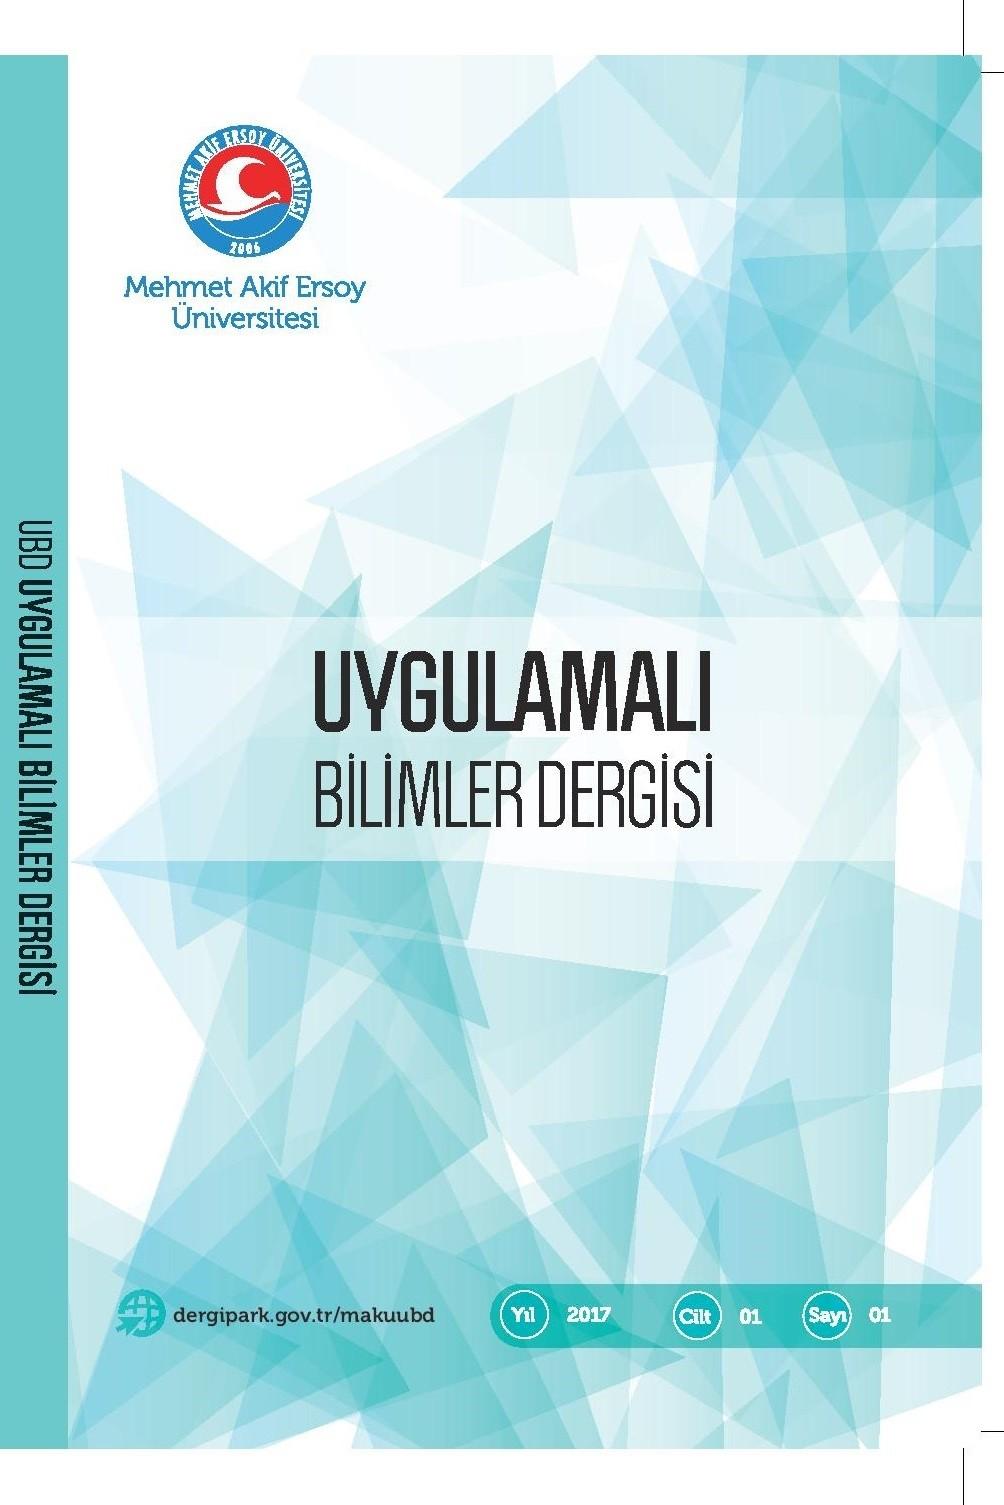 Mehmet Akif Ersoy Üniversitesi Uygulamalı Bilimler Dergisi